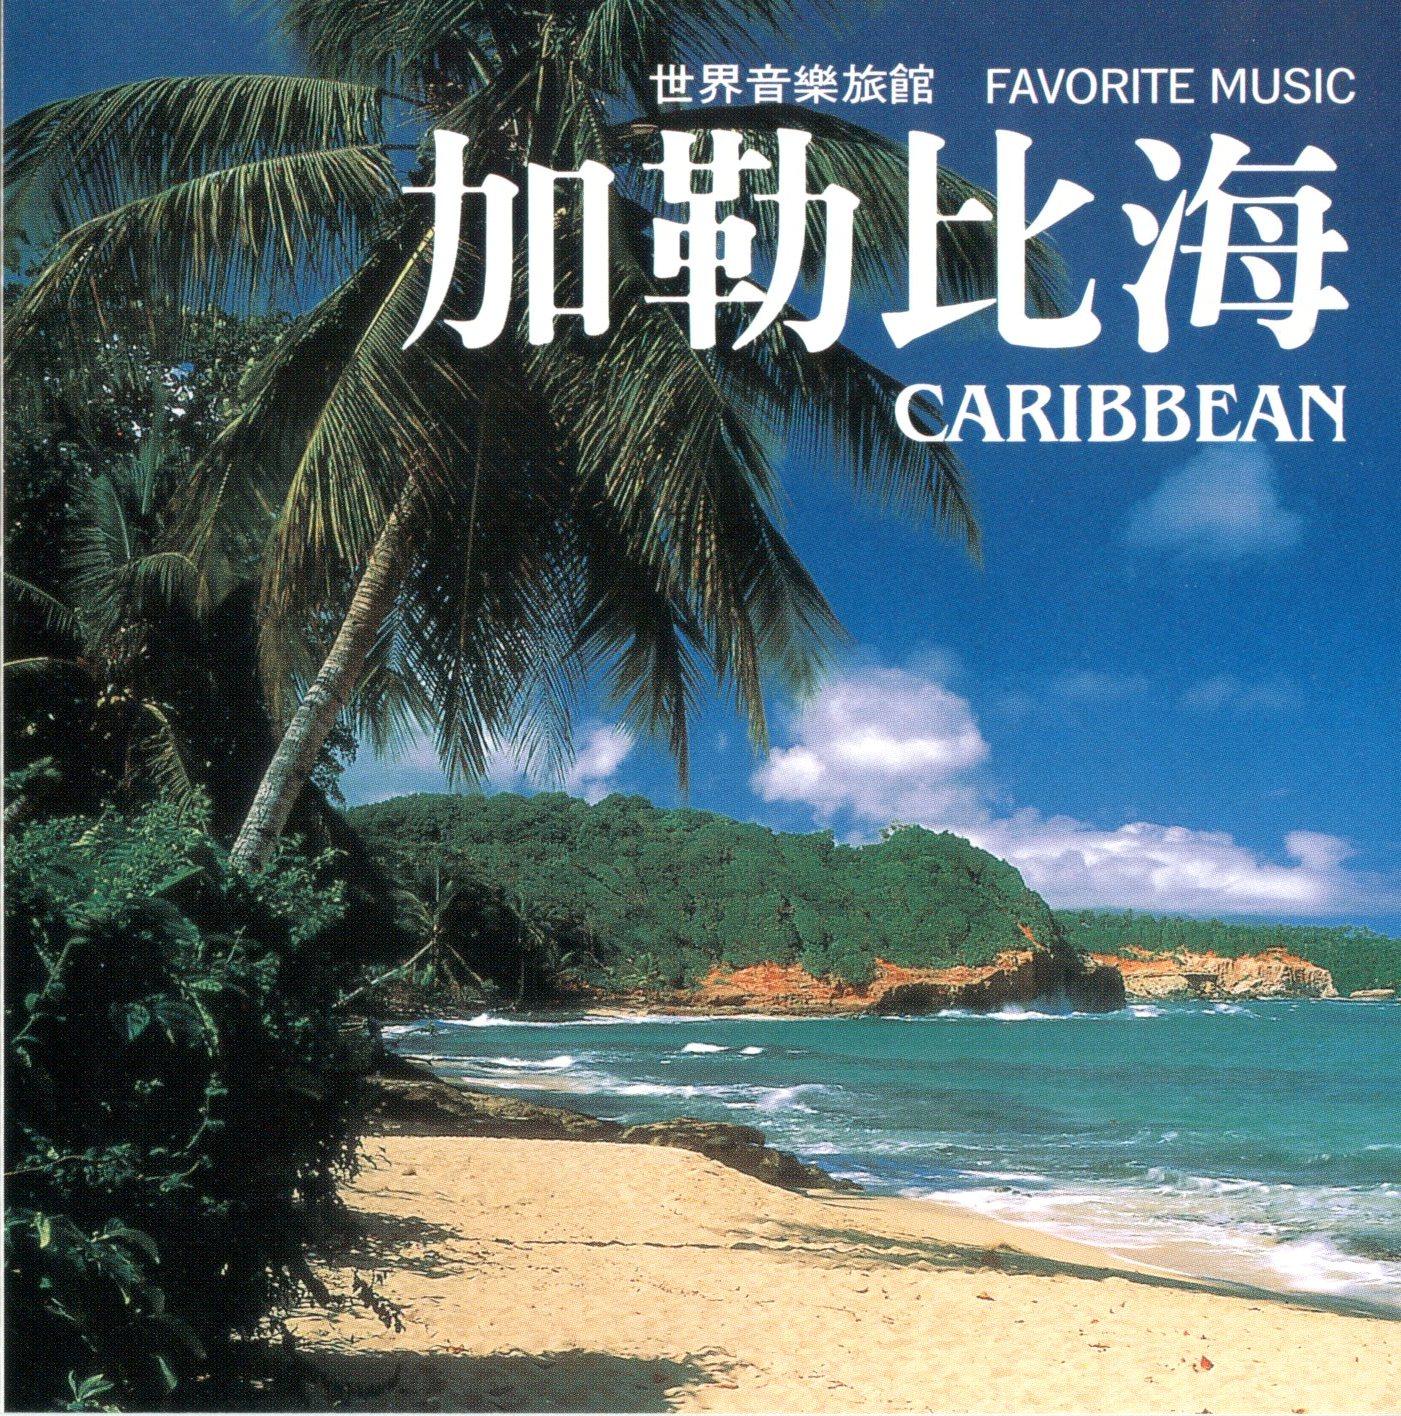 世界音樂旅館 加勒比海 = Caribbean